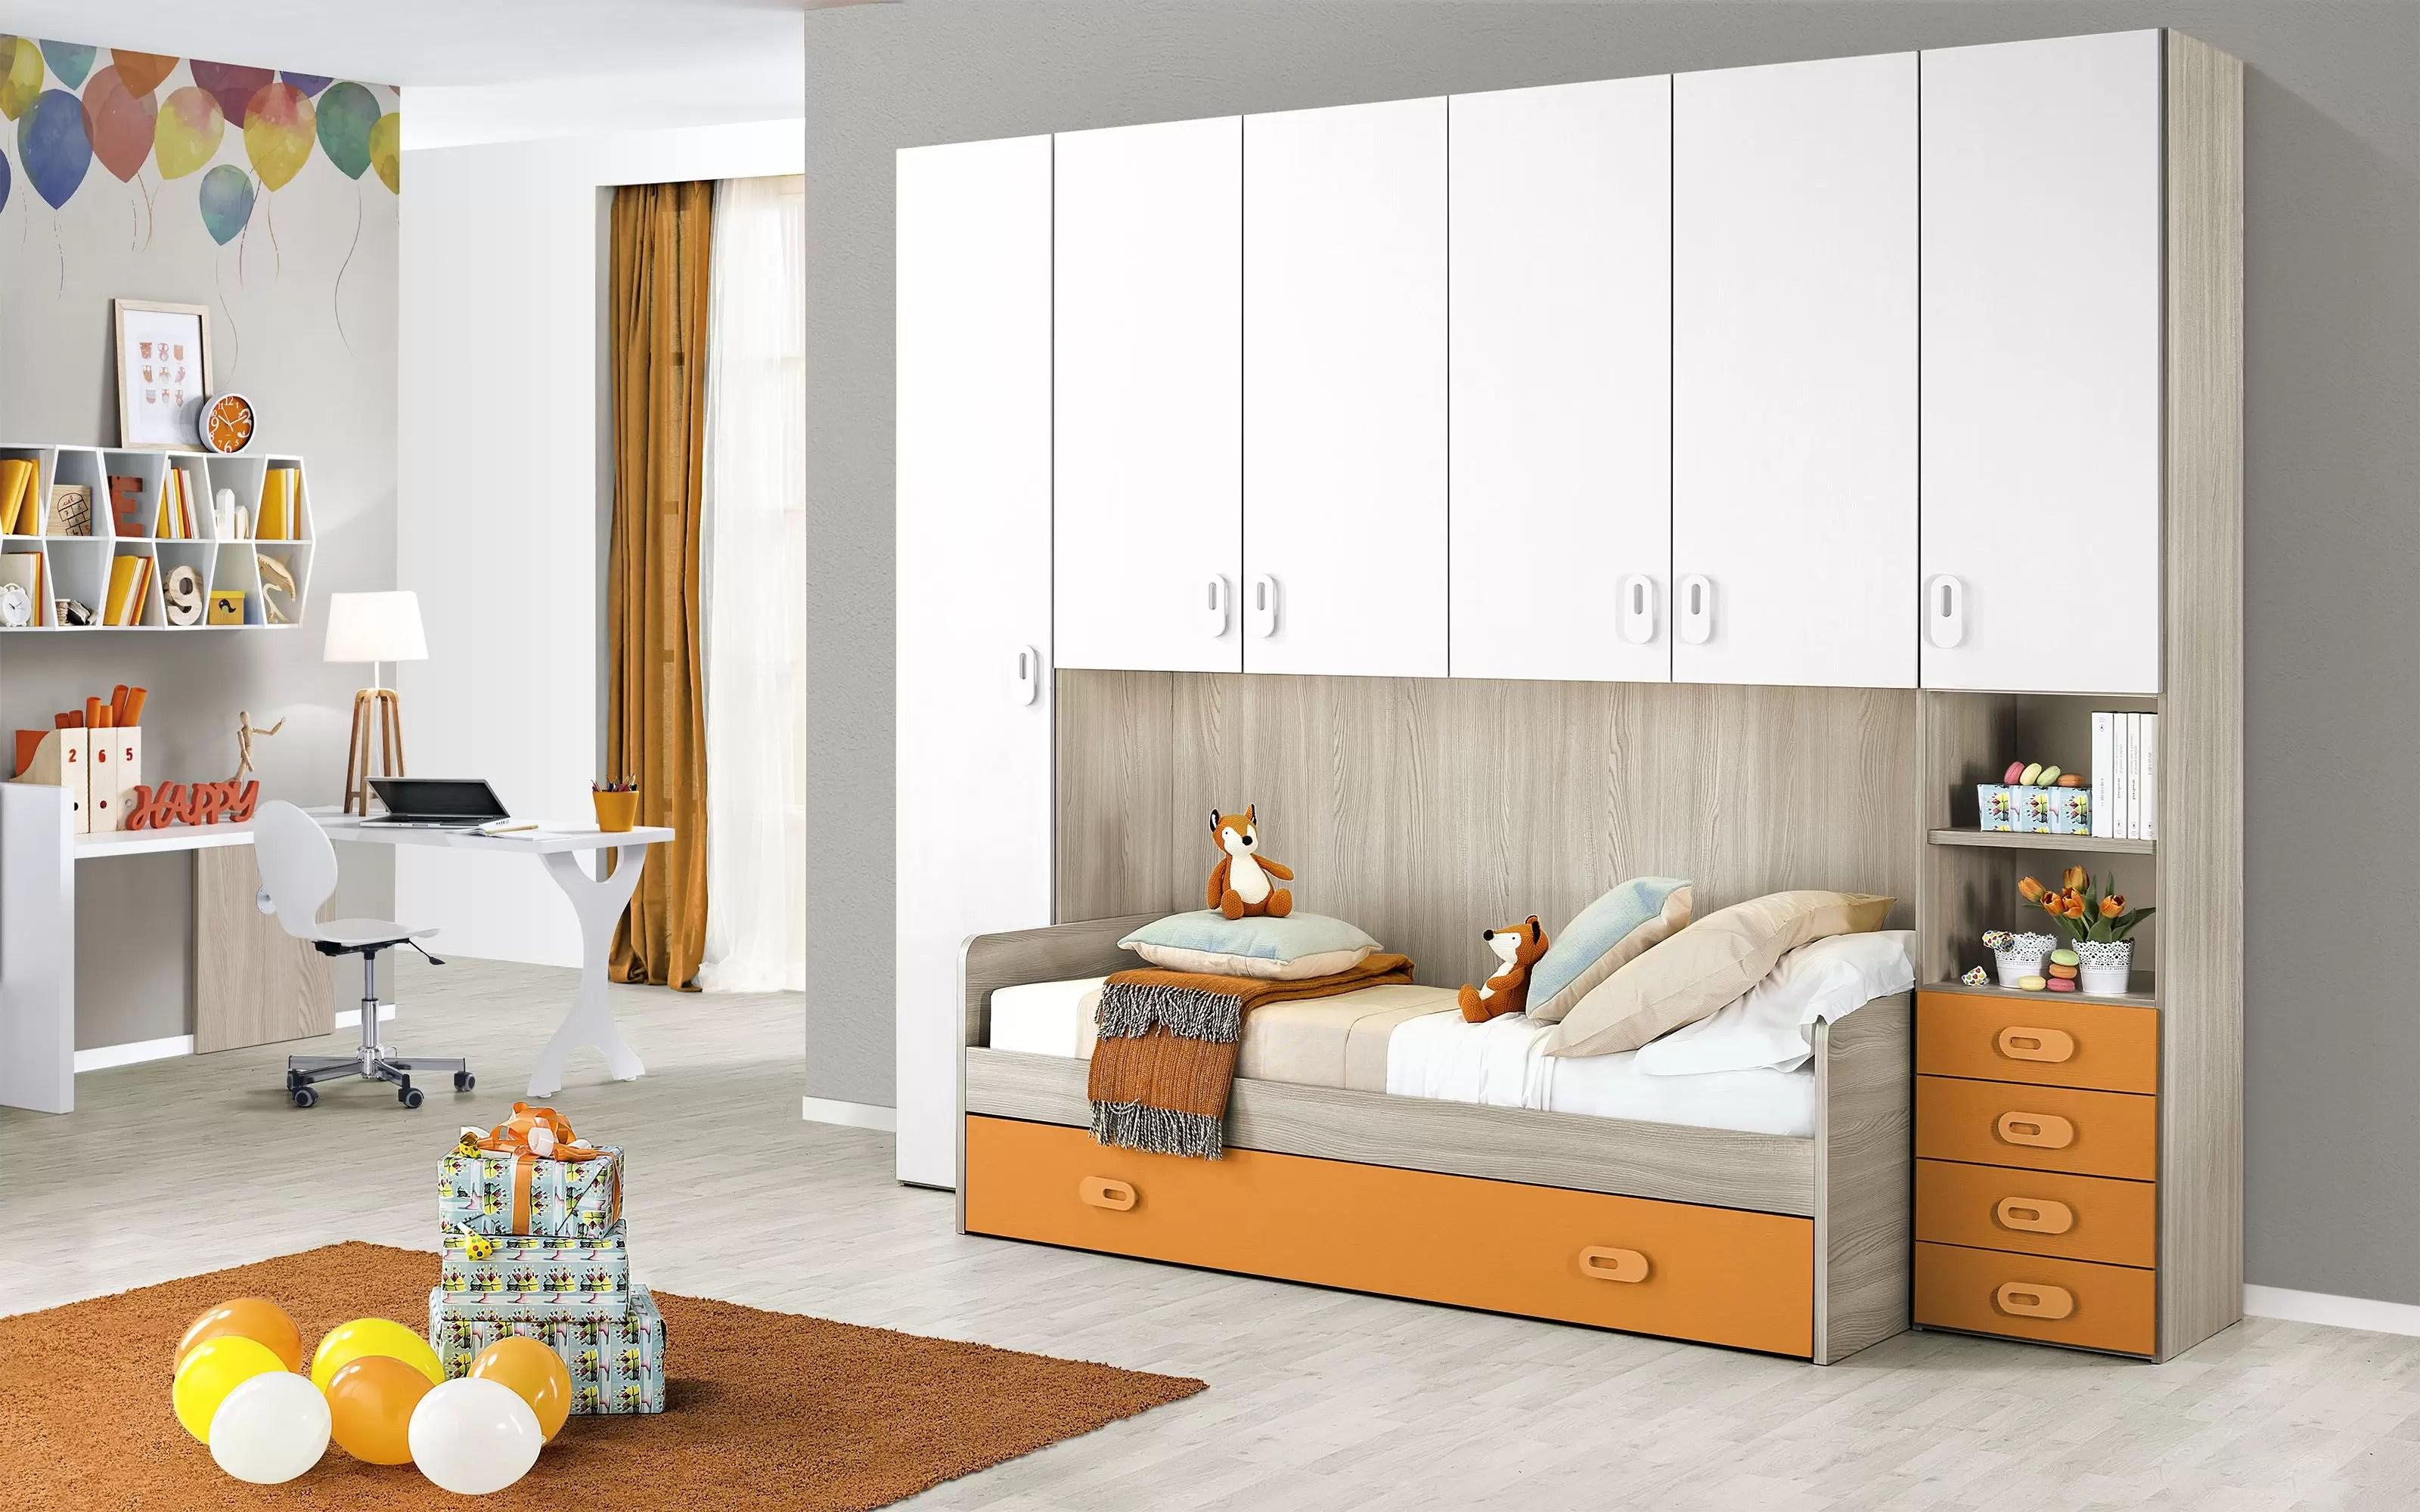 Camerette Bianche E Tortora cameretta completa a ponte - effetto olmo perla, bianco, arancio (letto  singolo e armadio) (cm. 295 x 93 x 245h) - dafne italian design